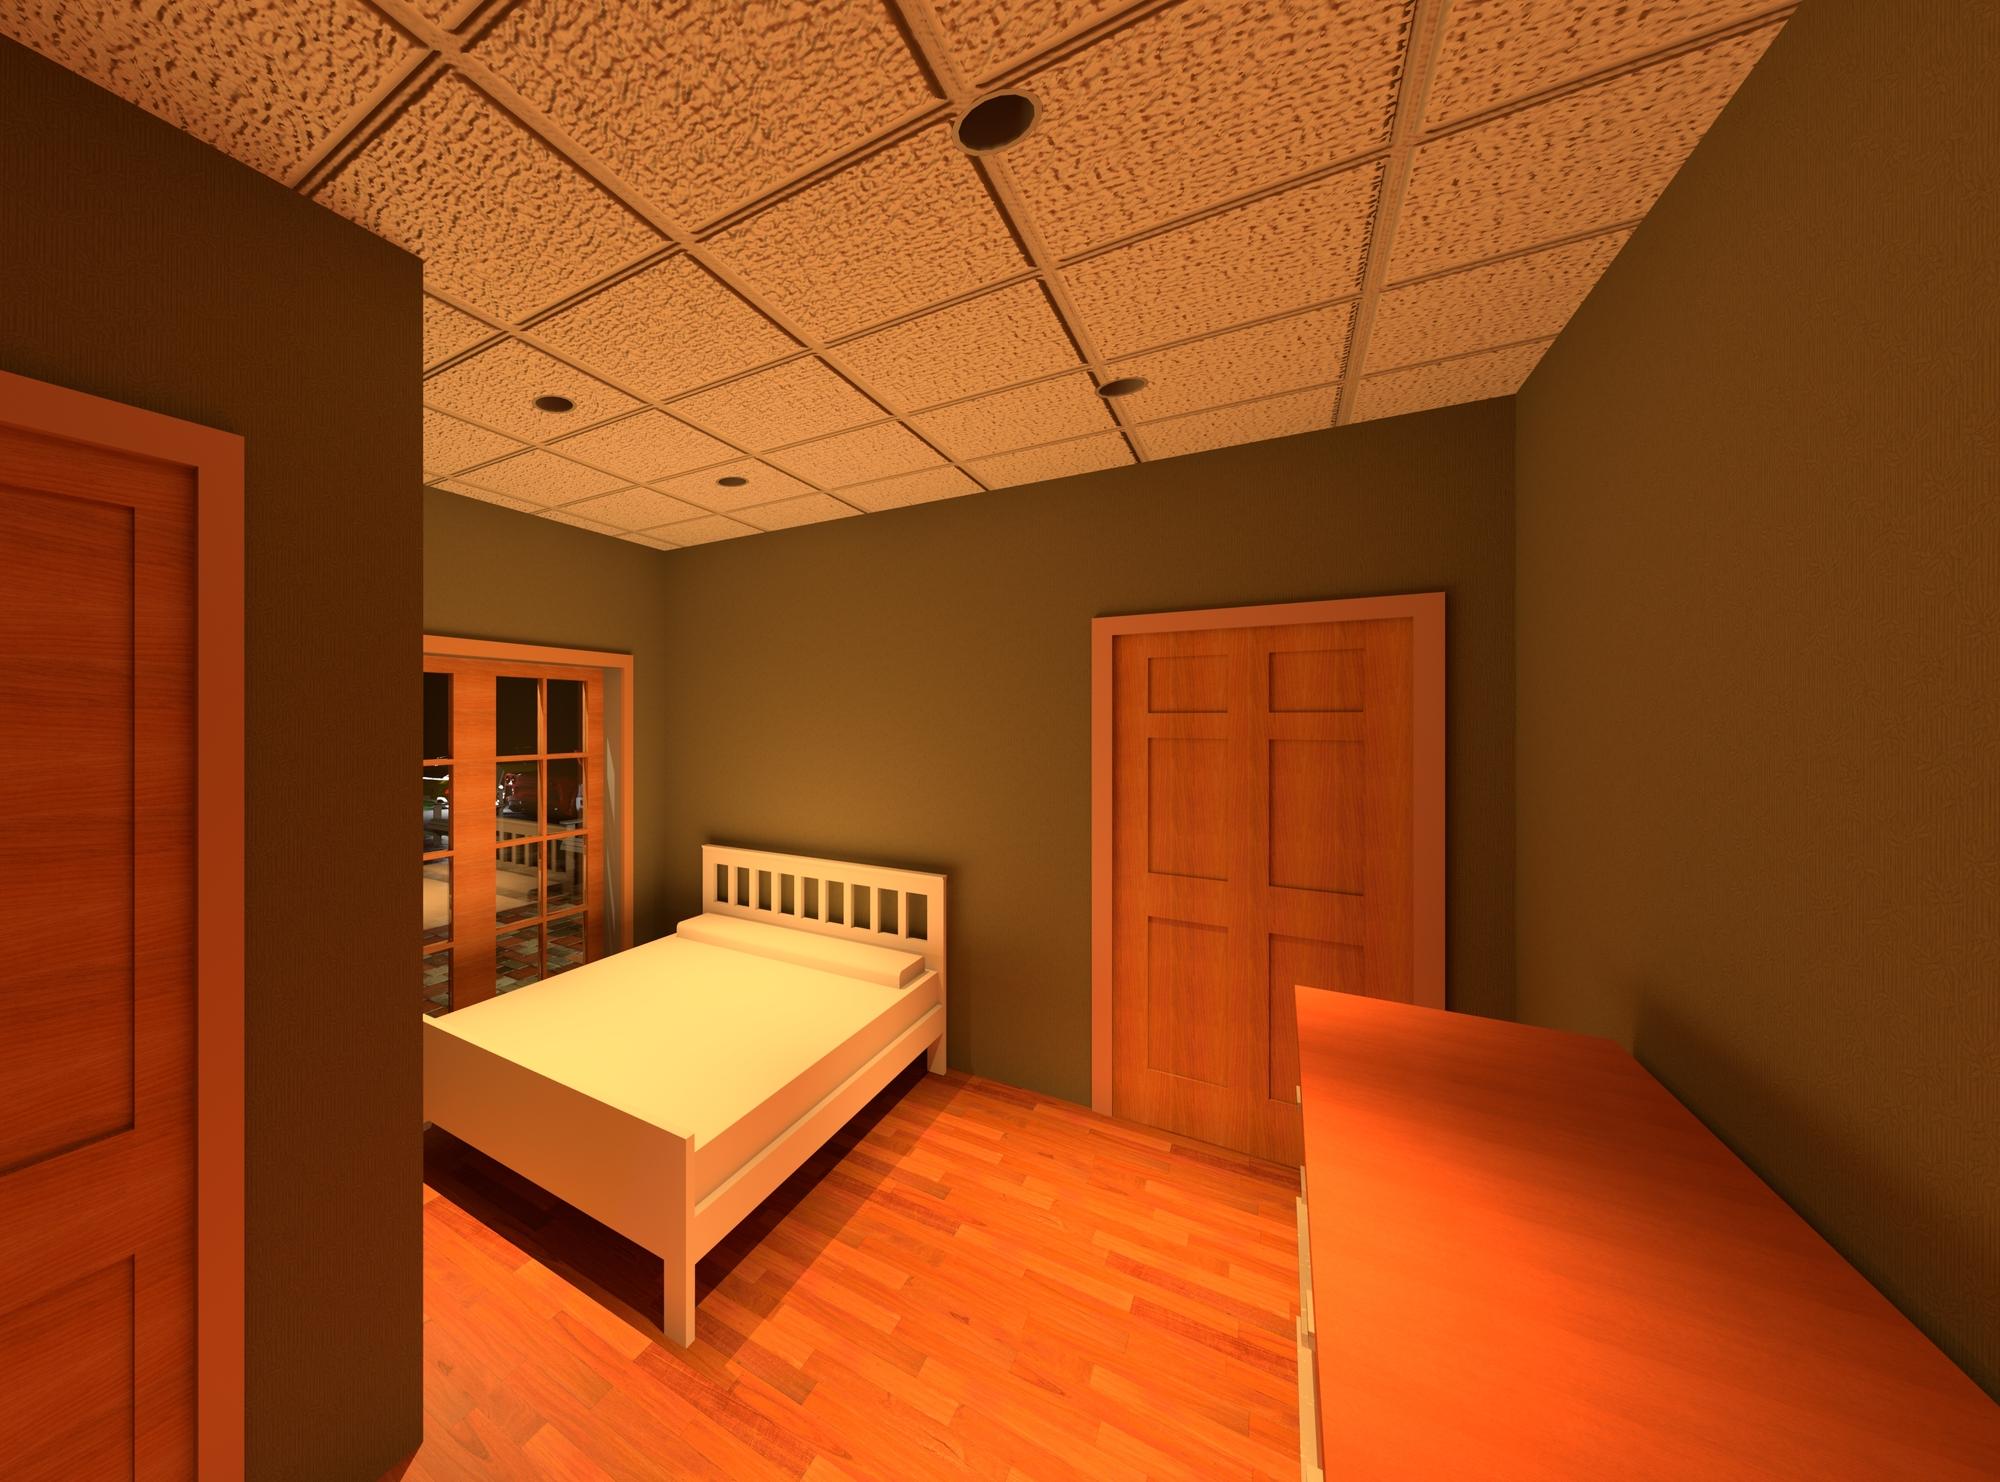 Raas-rendering20140930-8146-n54y2z